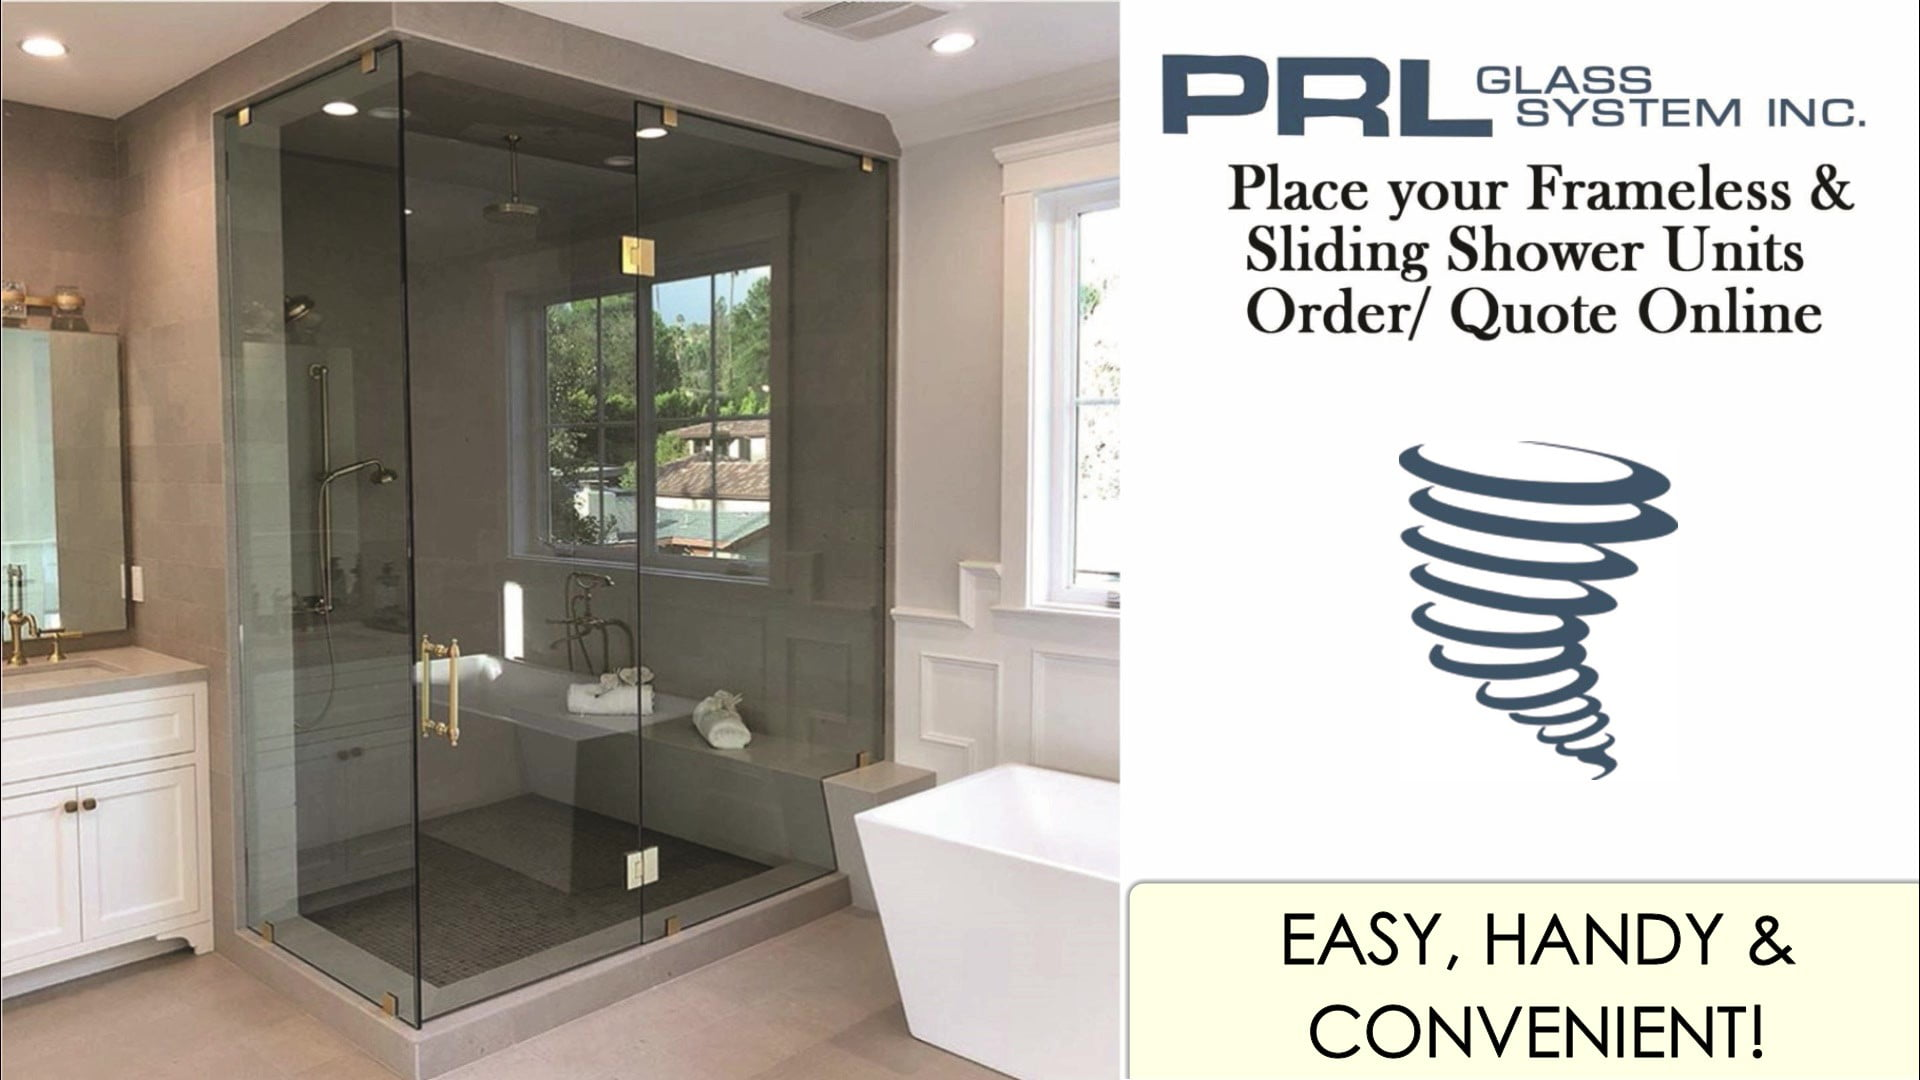 Order Shower Units Online Video